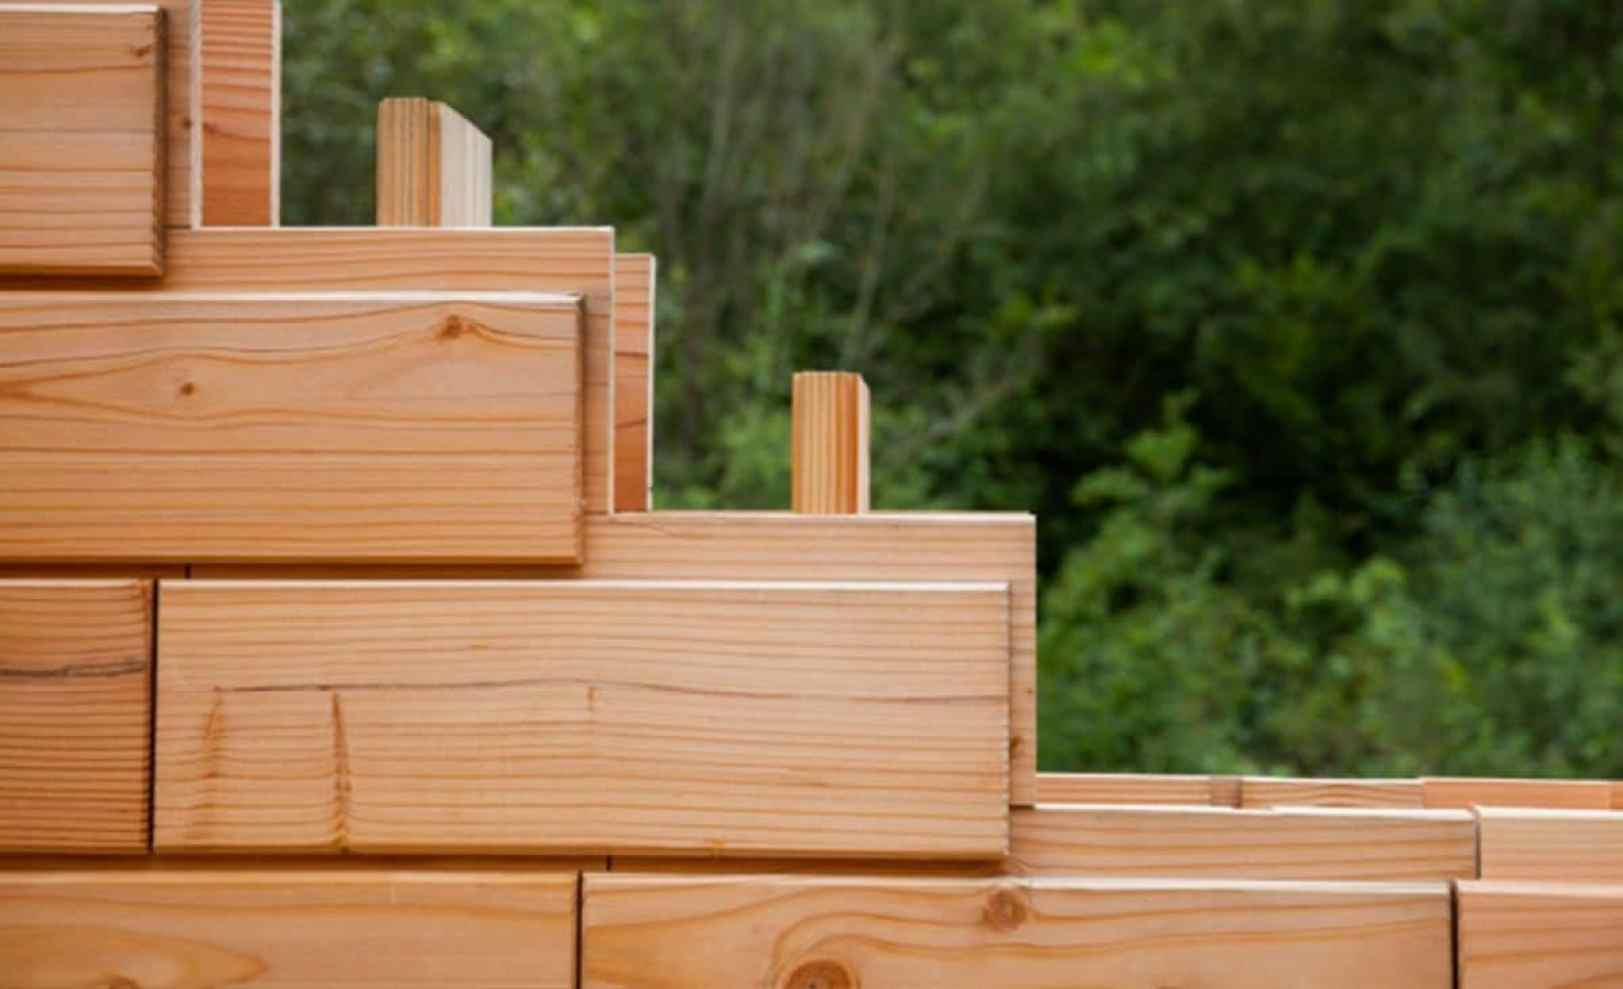 Brikawood las casas de ladrillos de madera tipo lego que - Propiedades de la madera ...